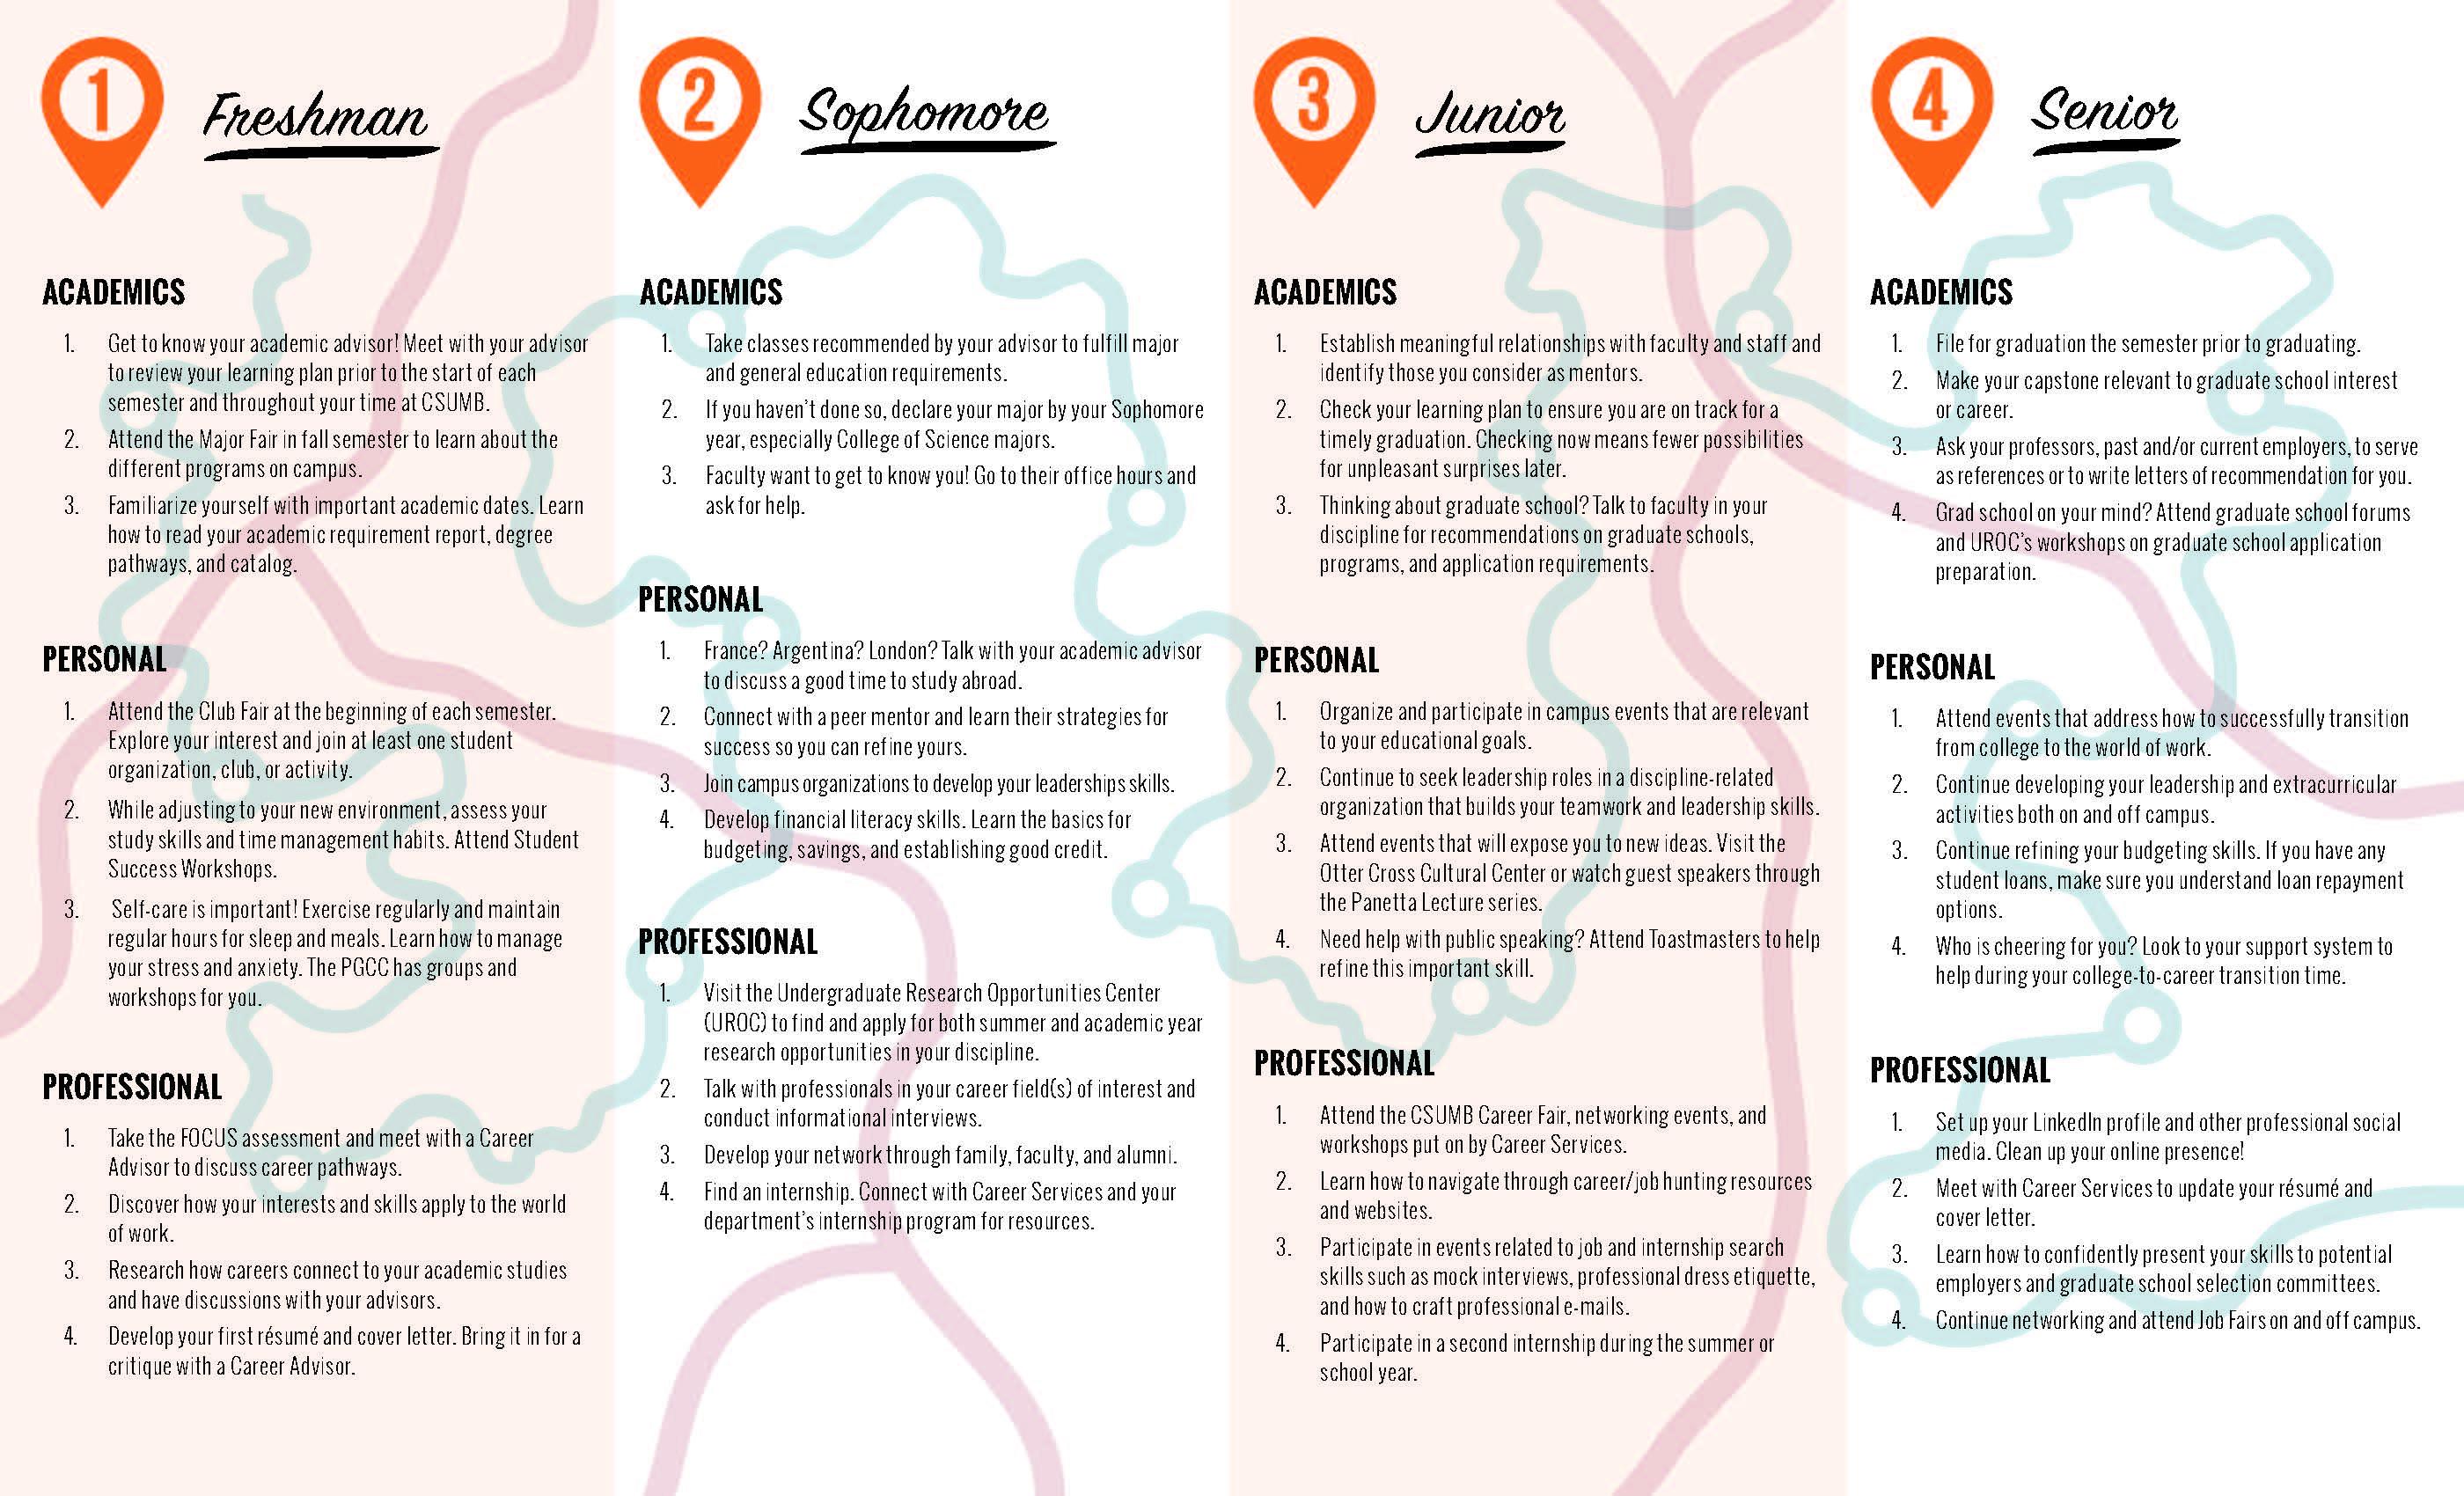 Roadmap information